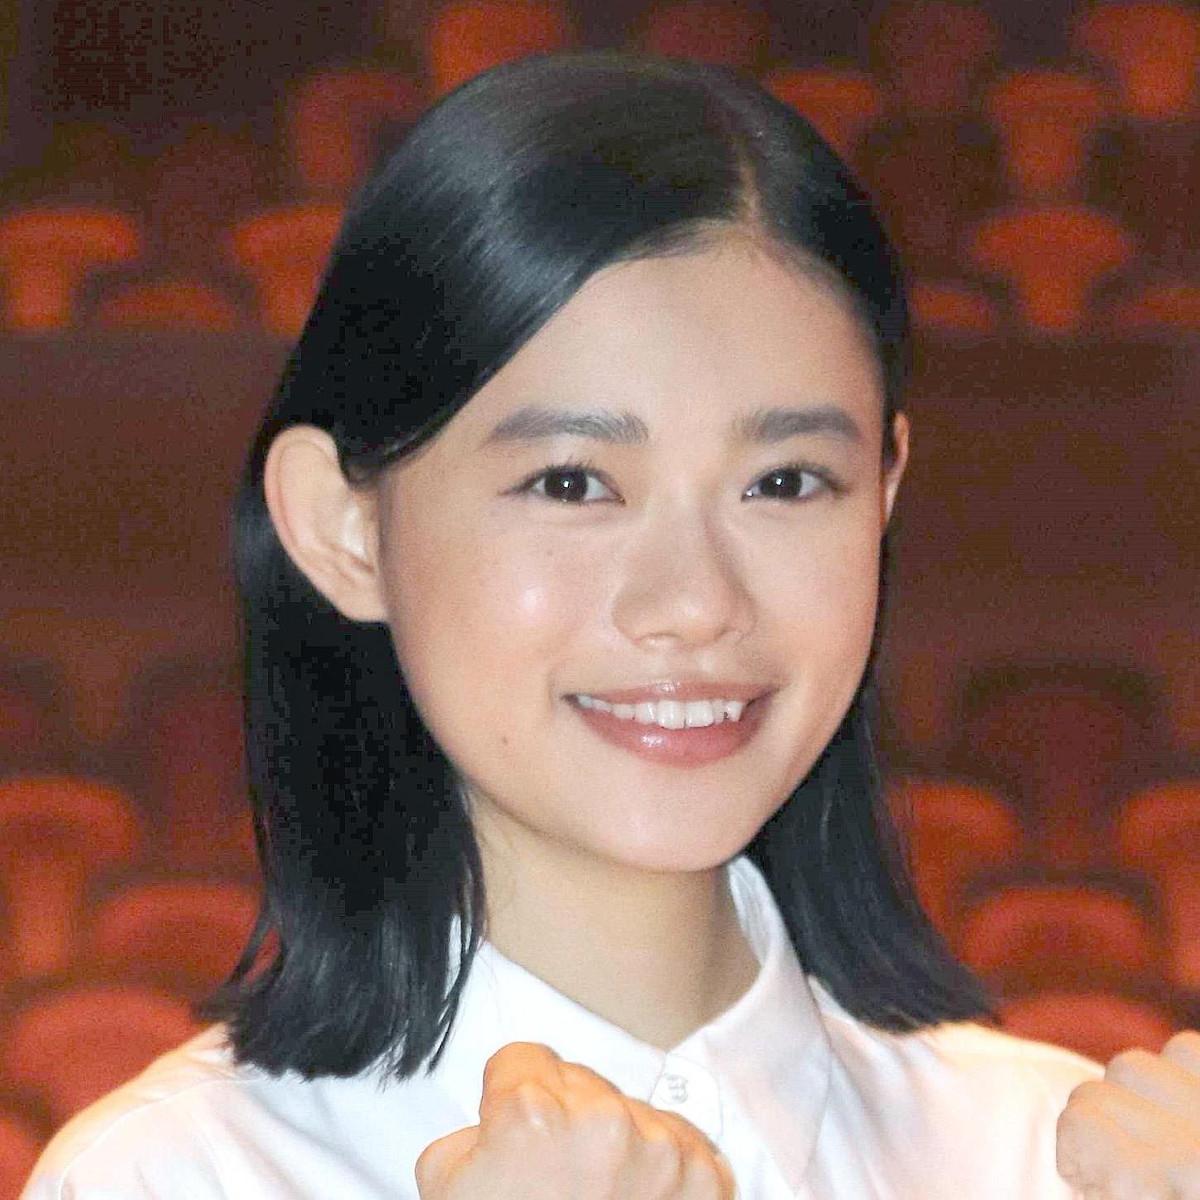 杉咲花主演の朝ドラ「おちょやん」第92話視聴率は16・2% 前回から3ポイント回復